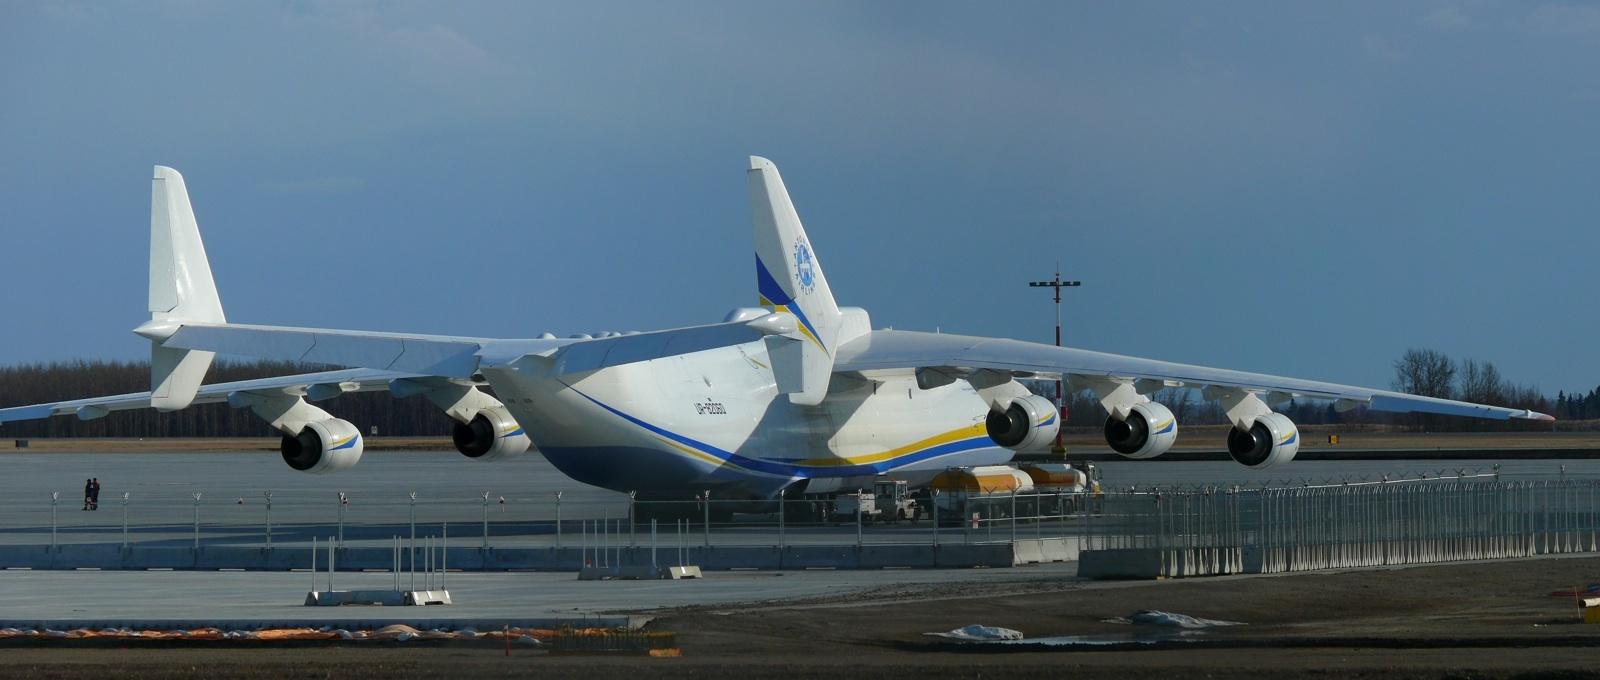 Antonov 225 cargo plane